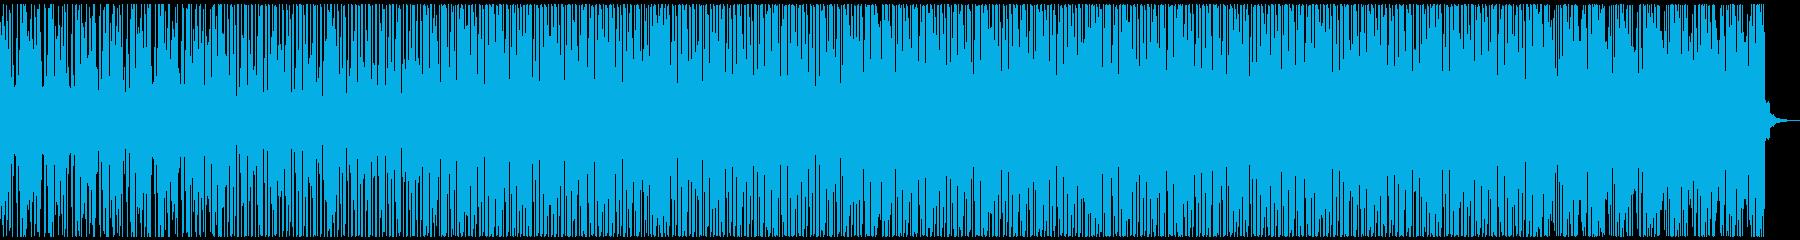 エレピとピアノを使ったDeephouseの再生済みの波形